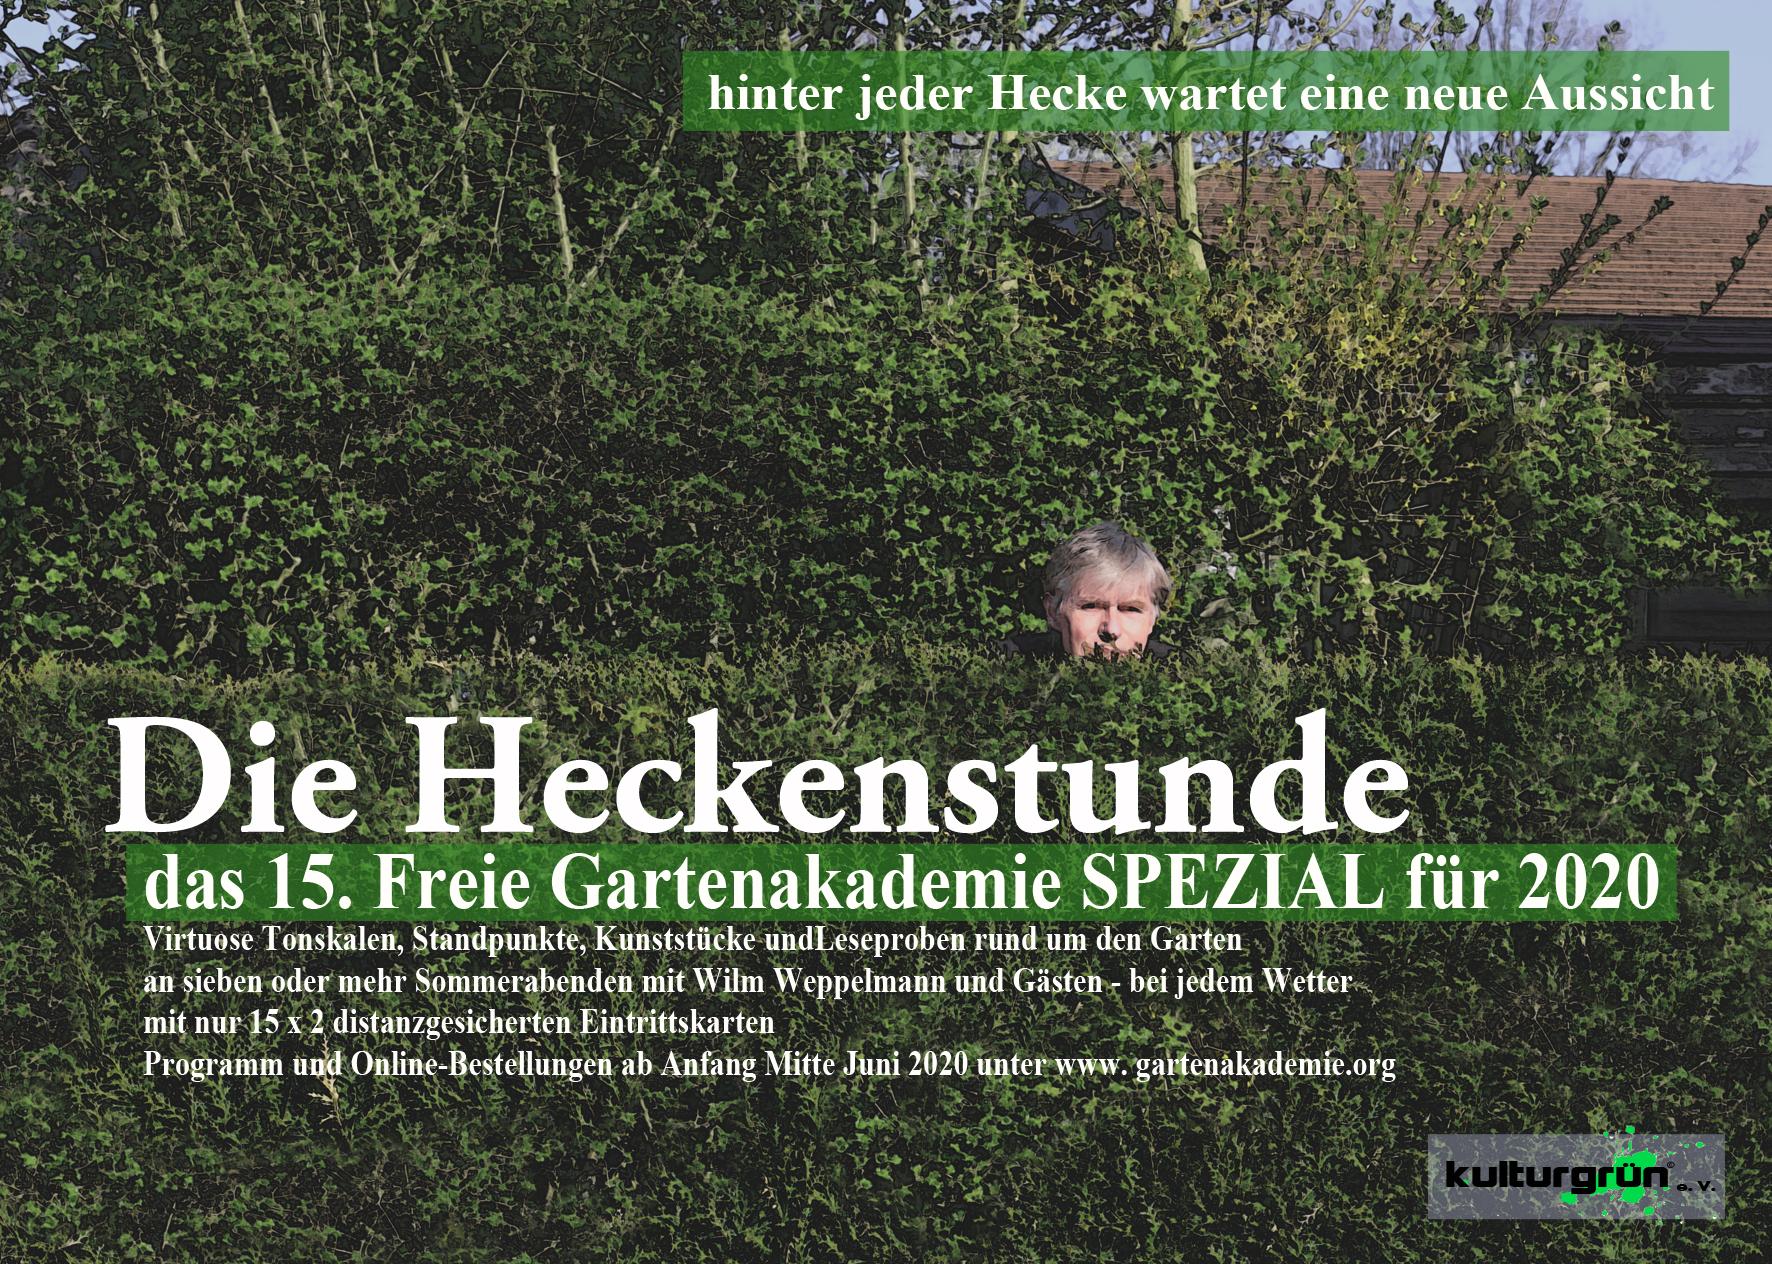 http://www.gartenakademie.org/wp-content/uploads/2019/10/heckenstunde-Postkarte-Kopie.jpg